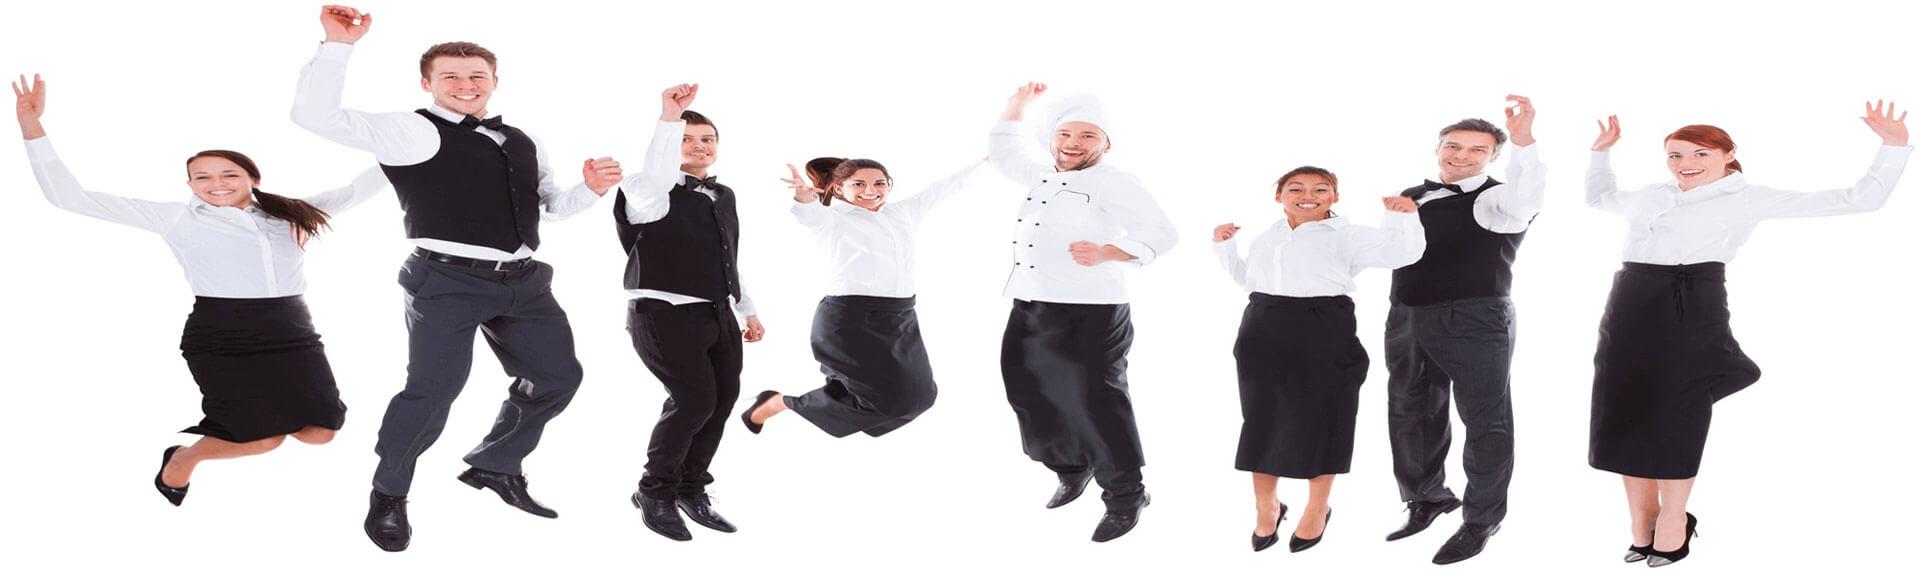 jumping-team-smaller-minA